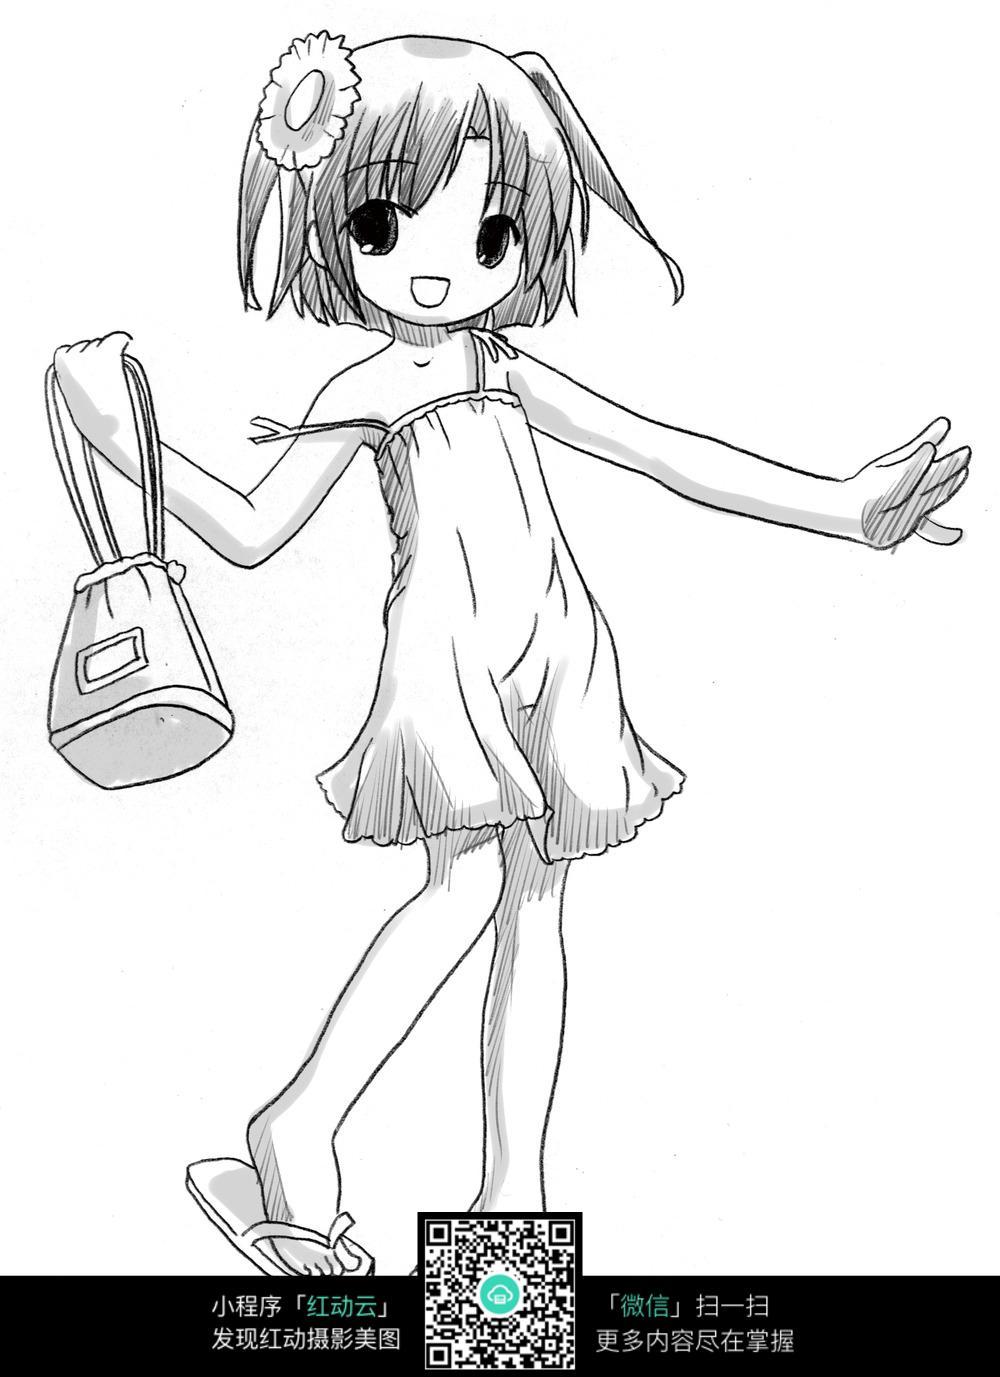 快乐女孩卡通手绘线稿图片